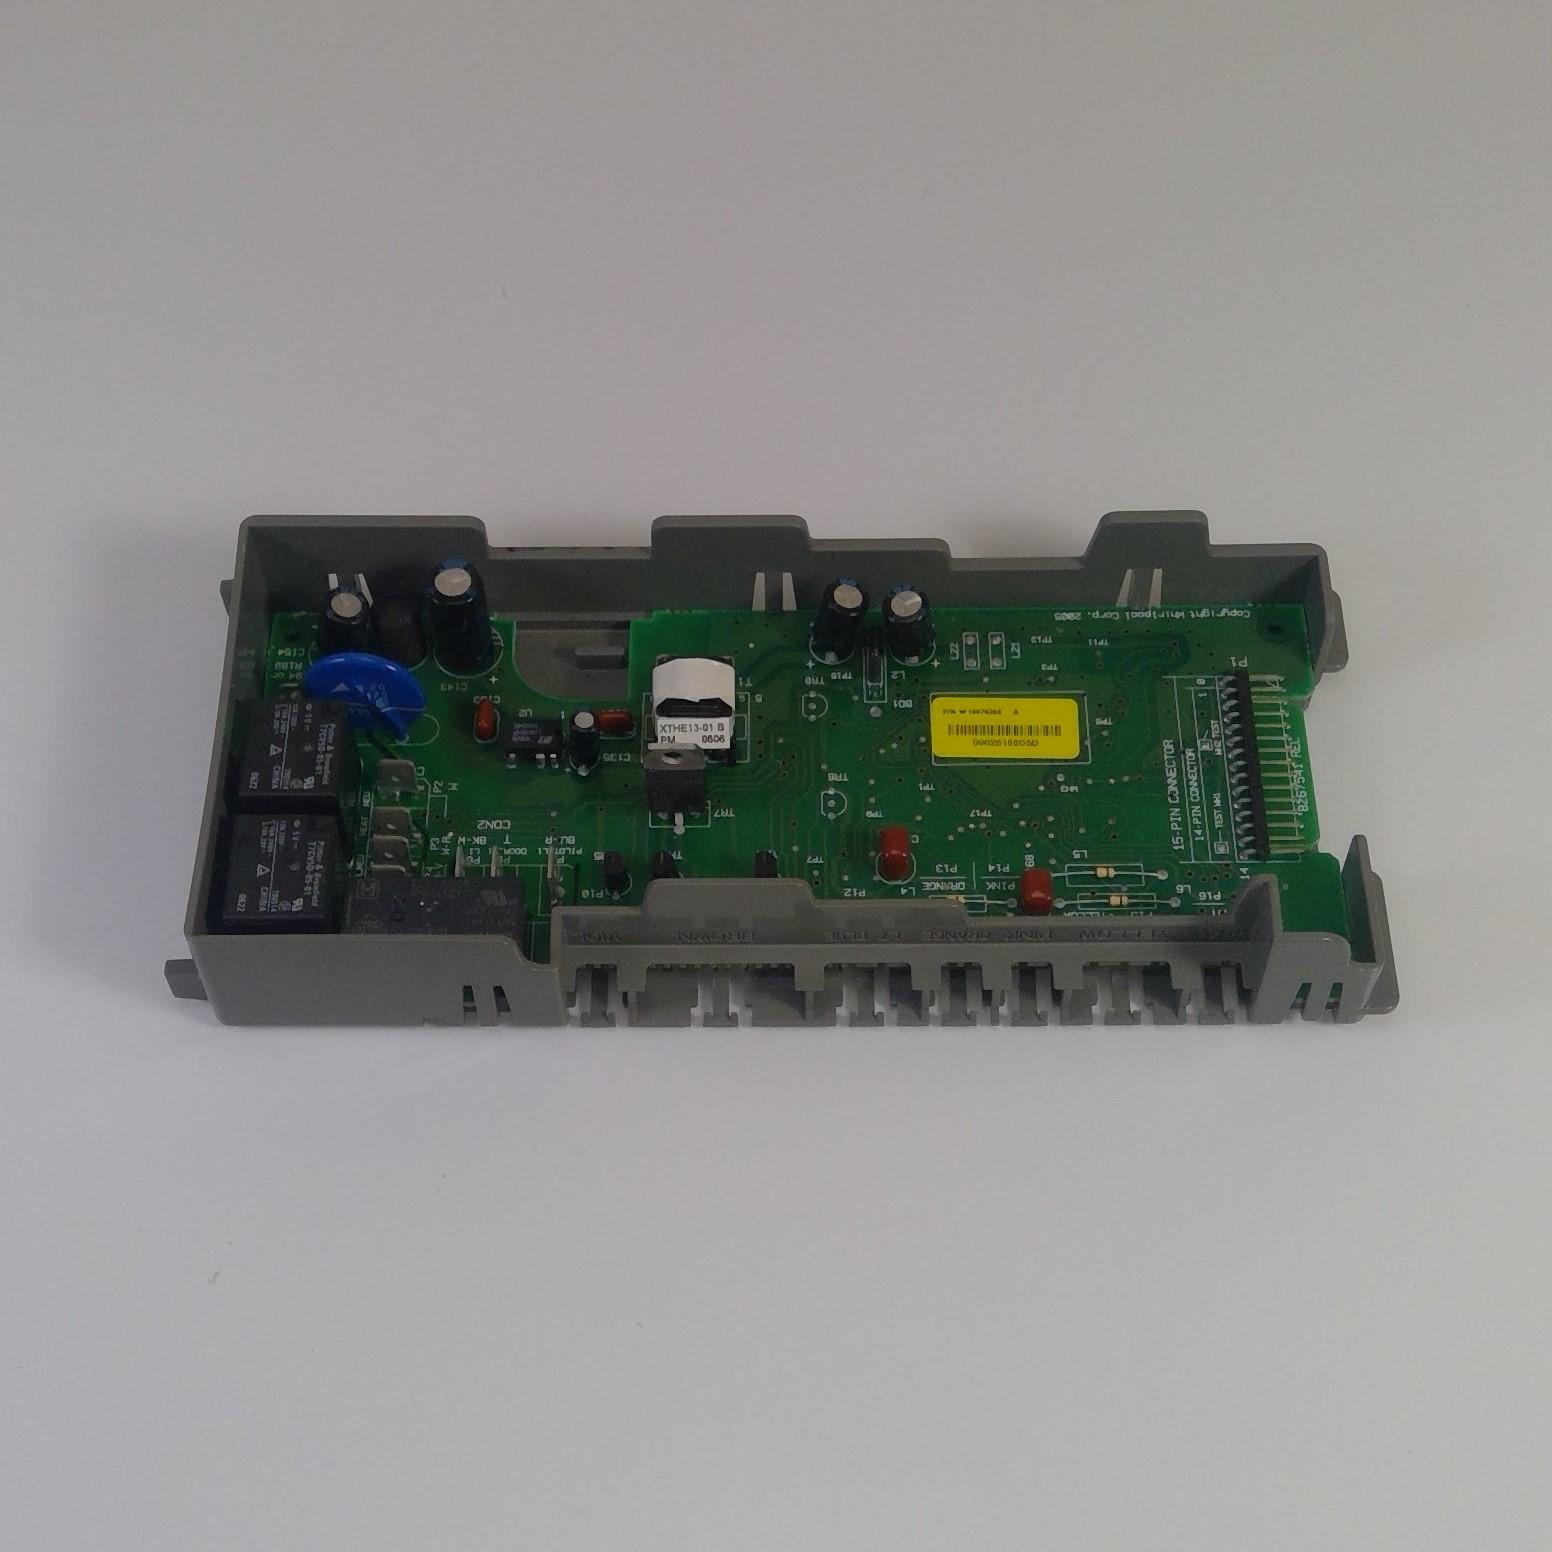 WHIRLPOOL Dishwasher MAIN CONTROL BOARD W10076360 (Rev. A